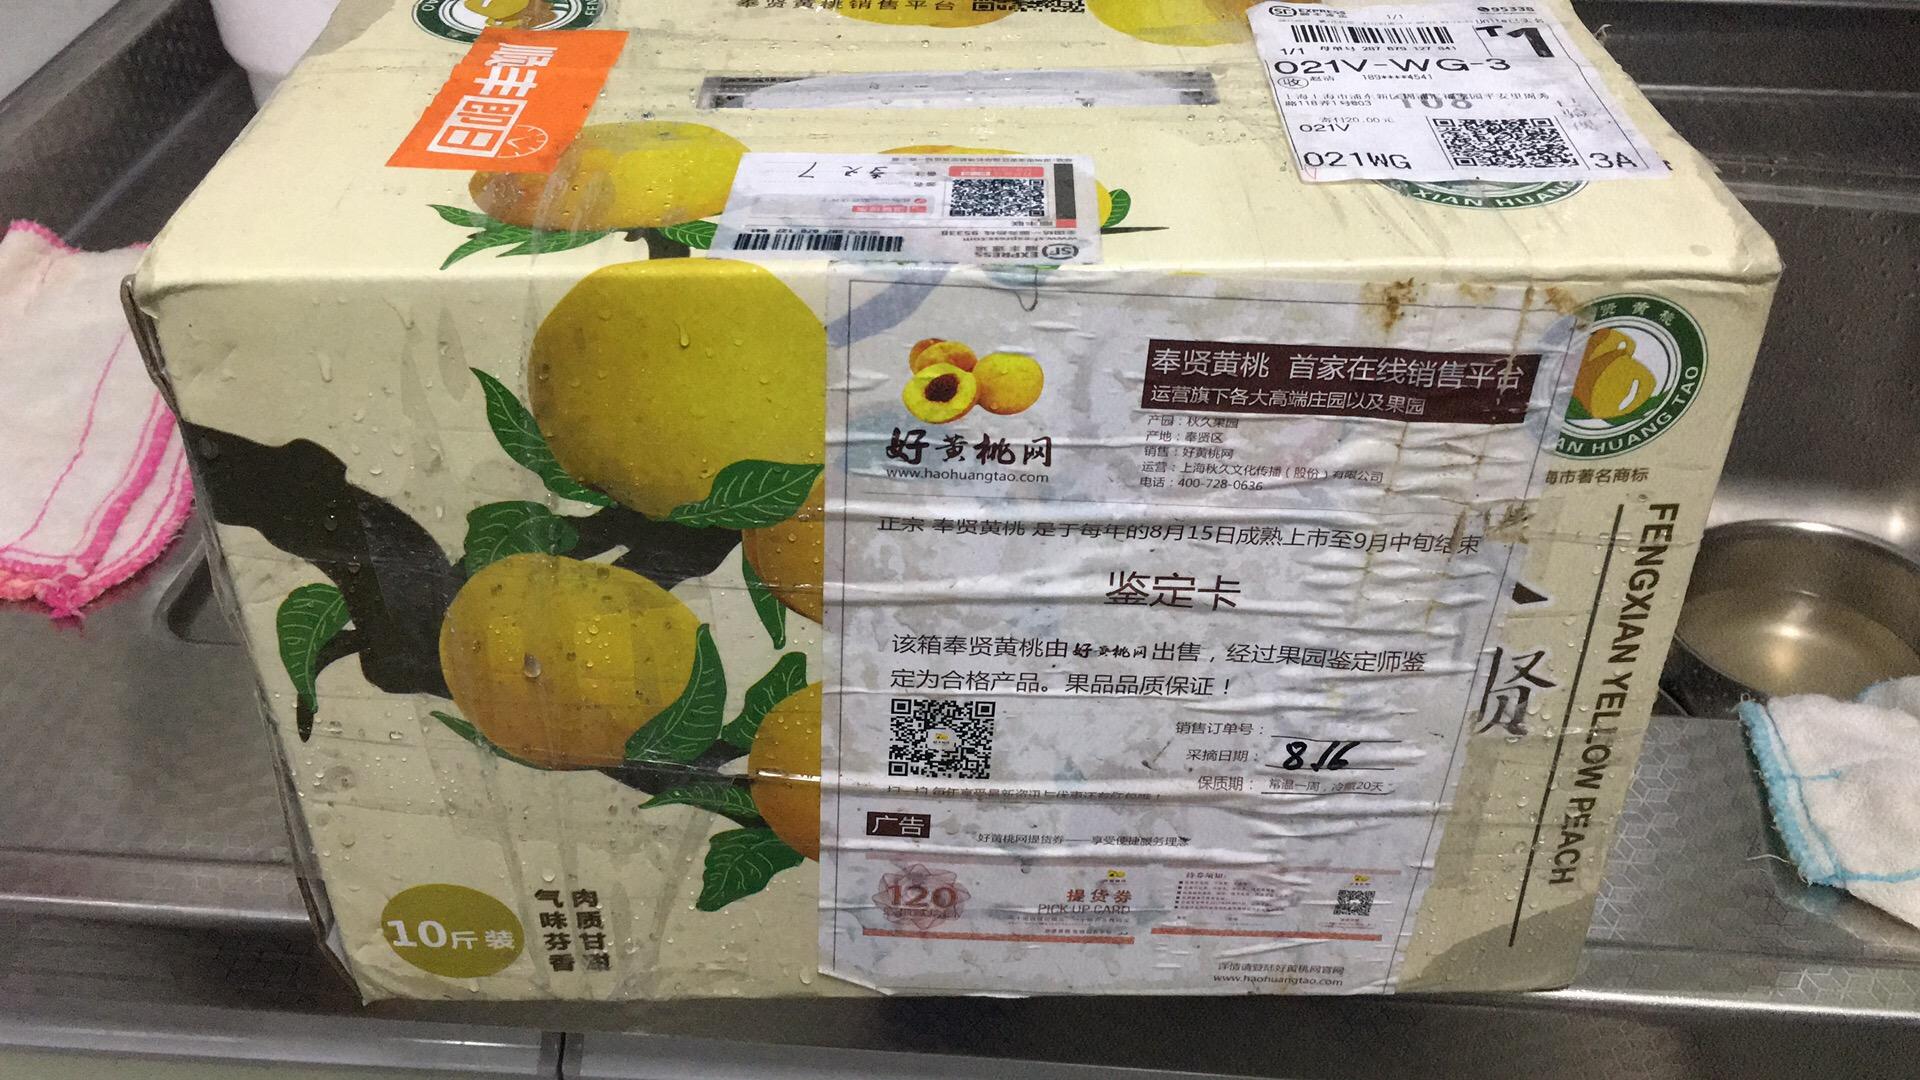 台风天收到黄桃  非常感谢  包装很好  样子不错  期待口感更好吃